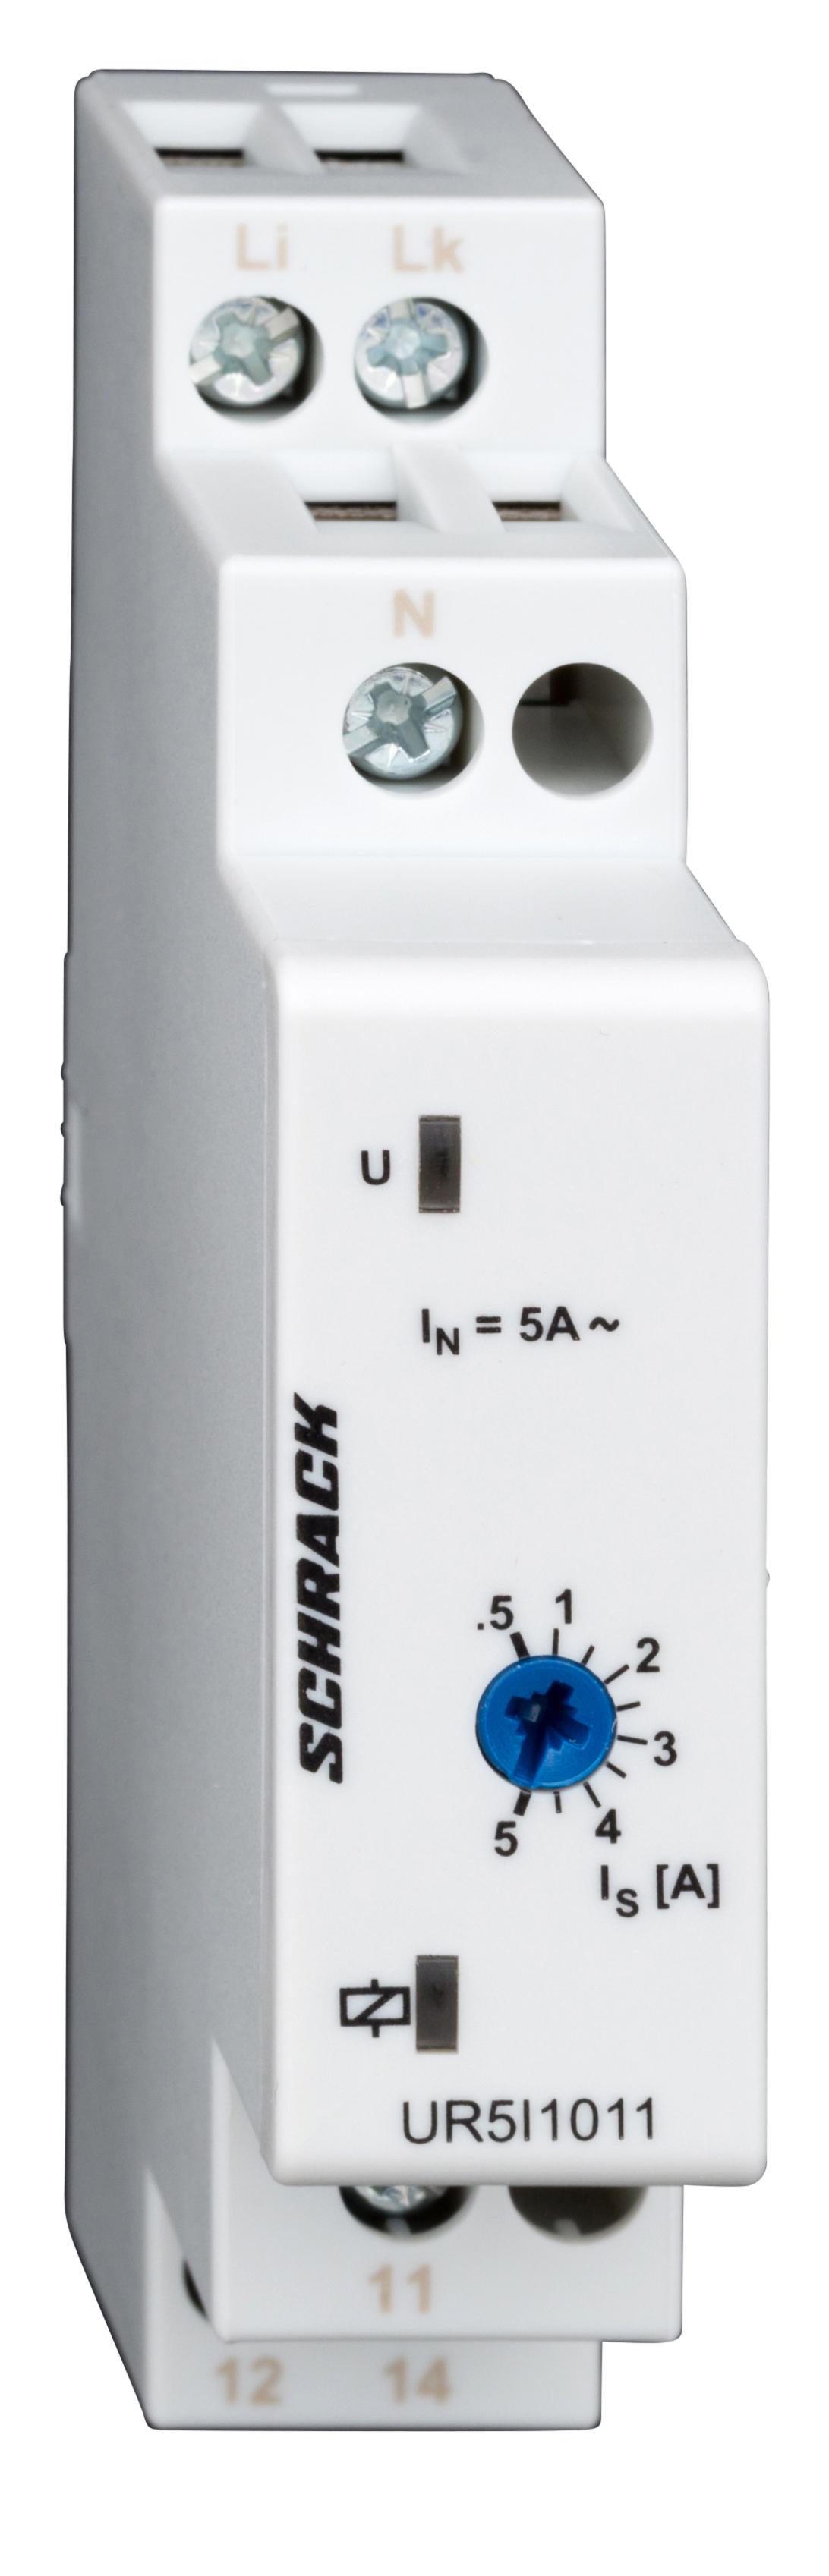 1 Stk Stromüberwachungsrelais bis 5A, AC, 1 phasig UR5I1011--